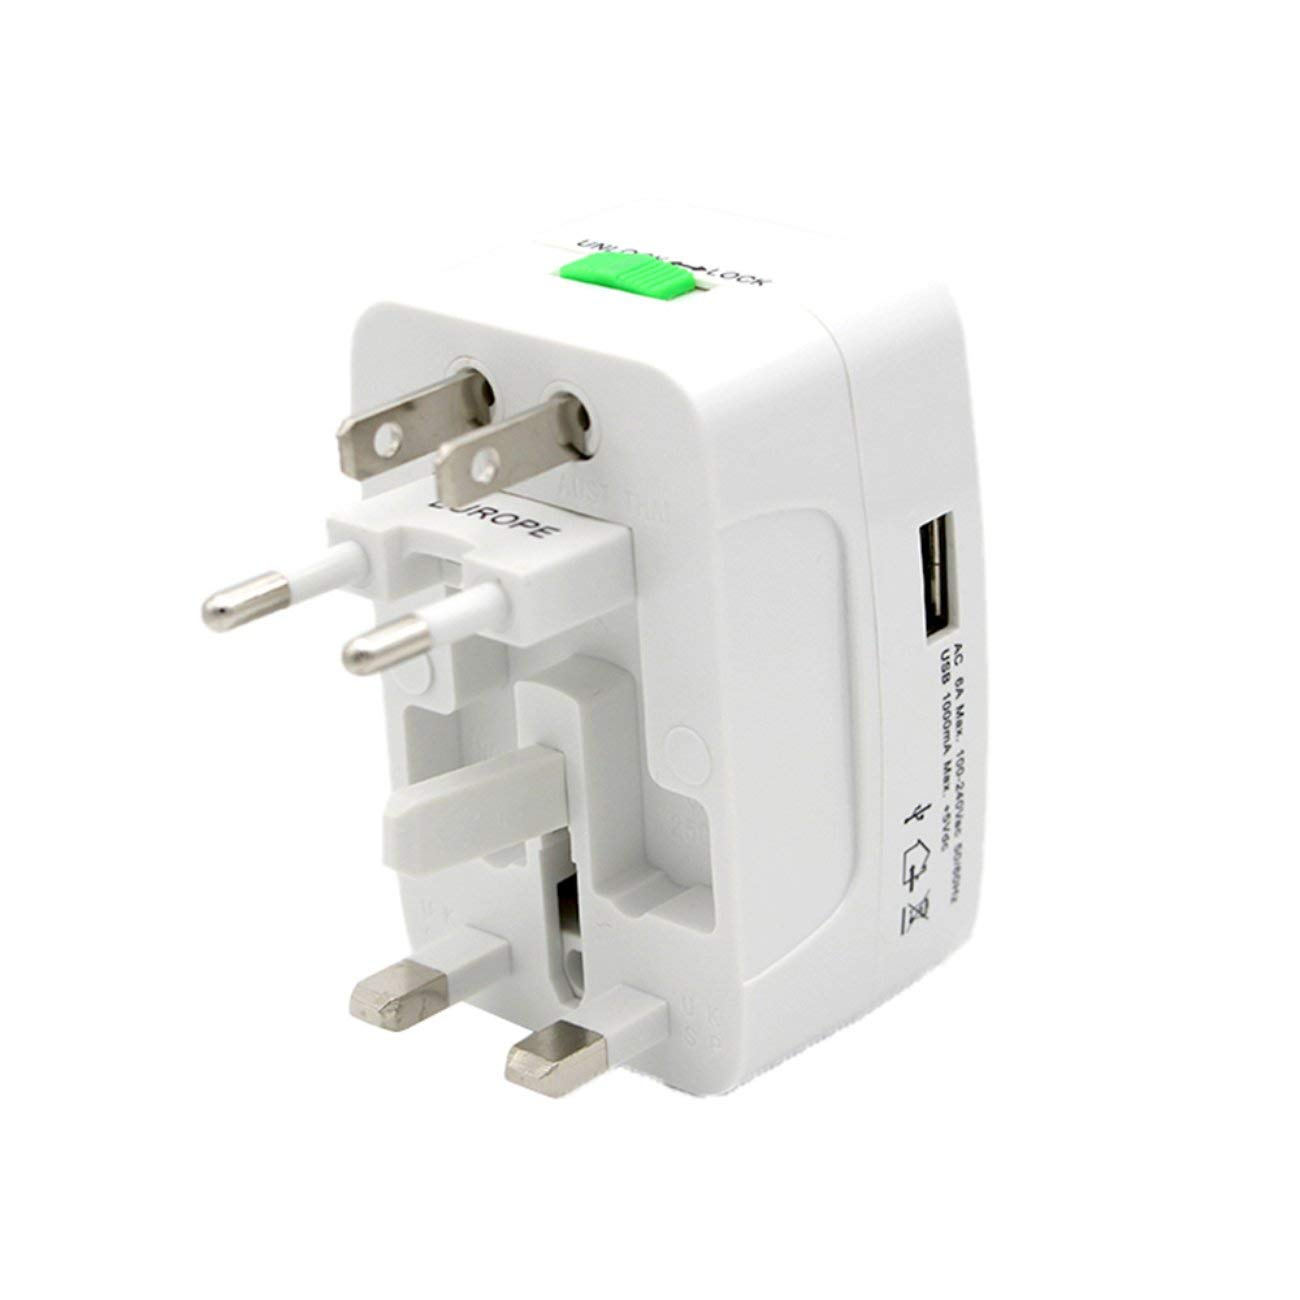 Blanco Socialism Adaptador de Enchufe de Enchufe el/éctrico Adaptador de Viaje Internacional Convertidor de Cargador de Corriente USB de Viaje Universal